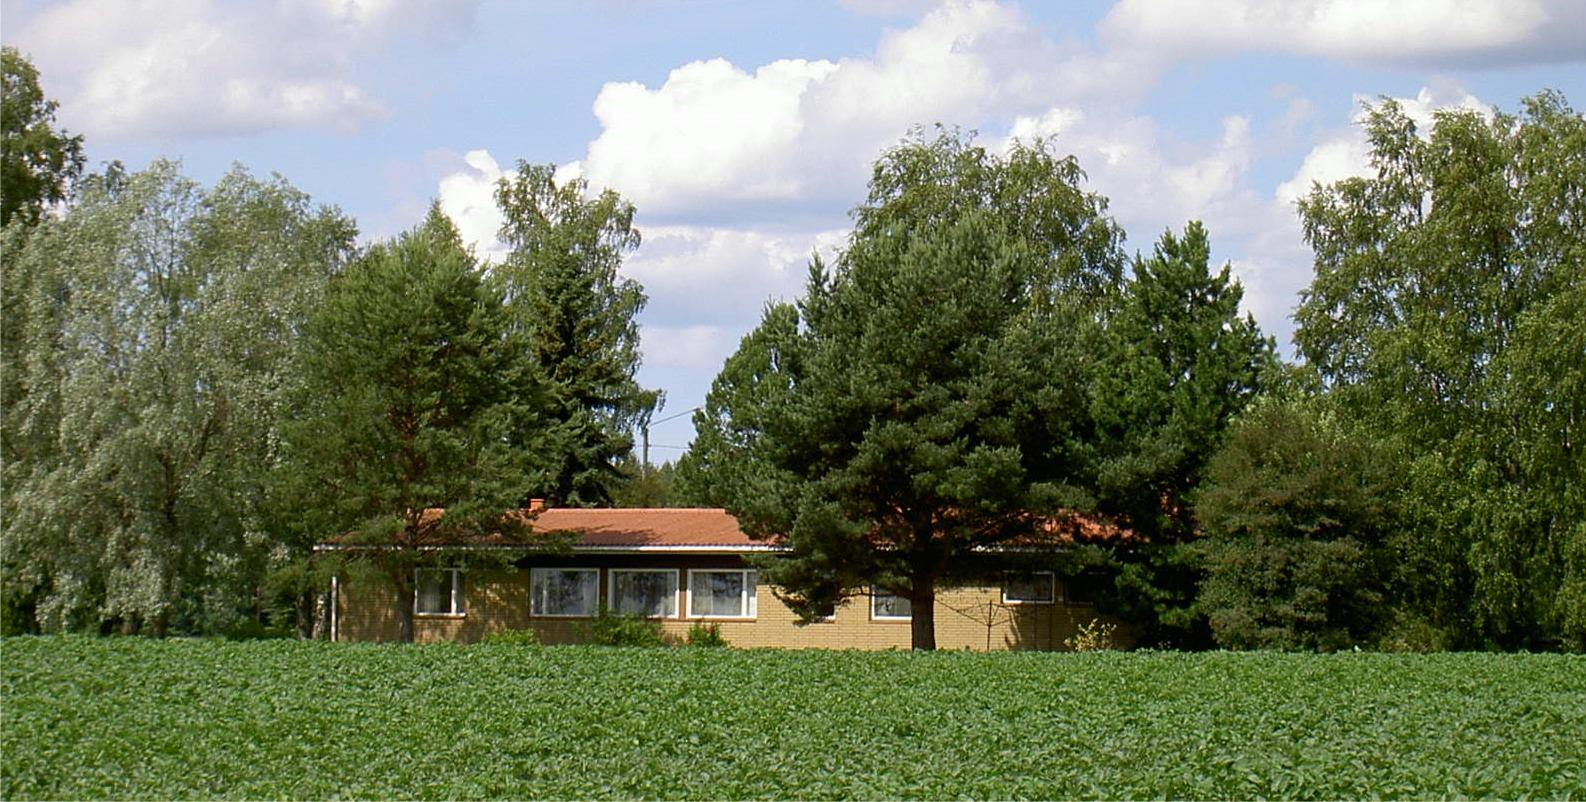 Den nya gården som byggdes 1969 ligger som sig bör inbäddad i grönska, omgärdad av potatisodlingar. Foto från sydost år 2004.